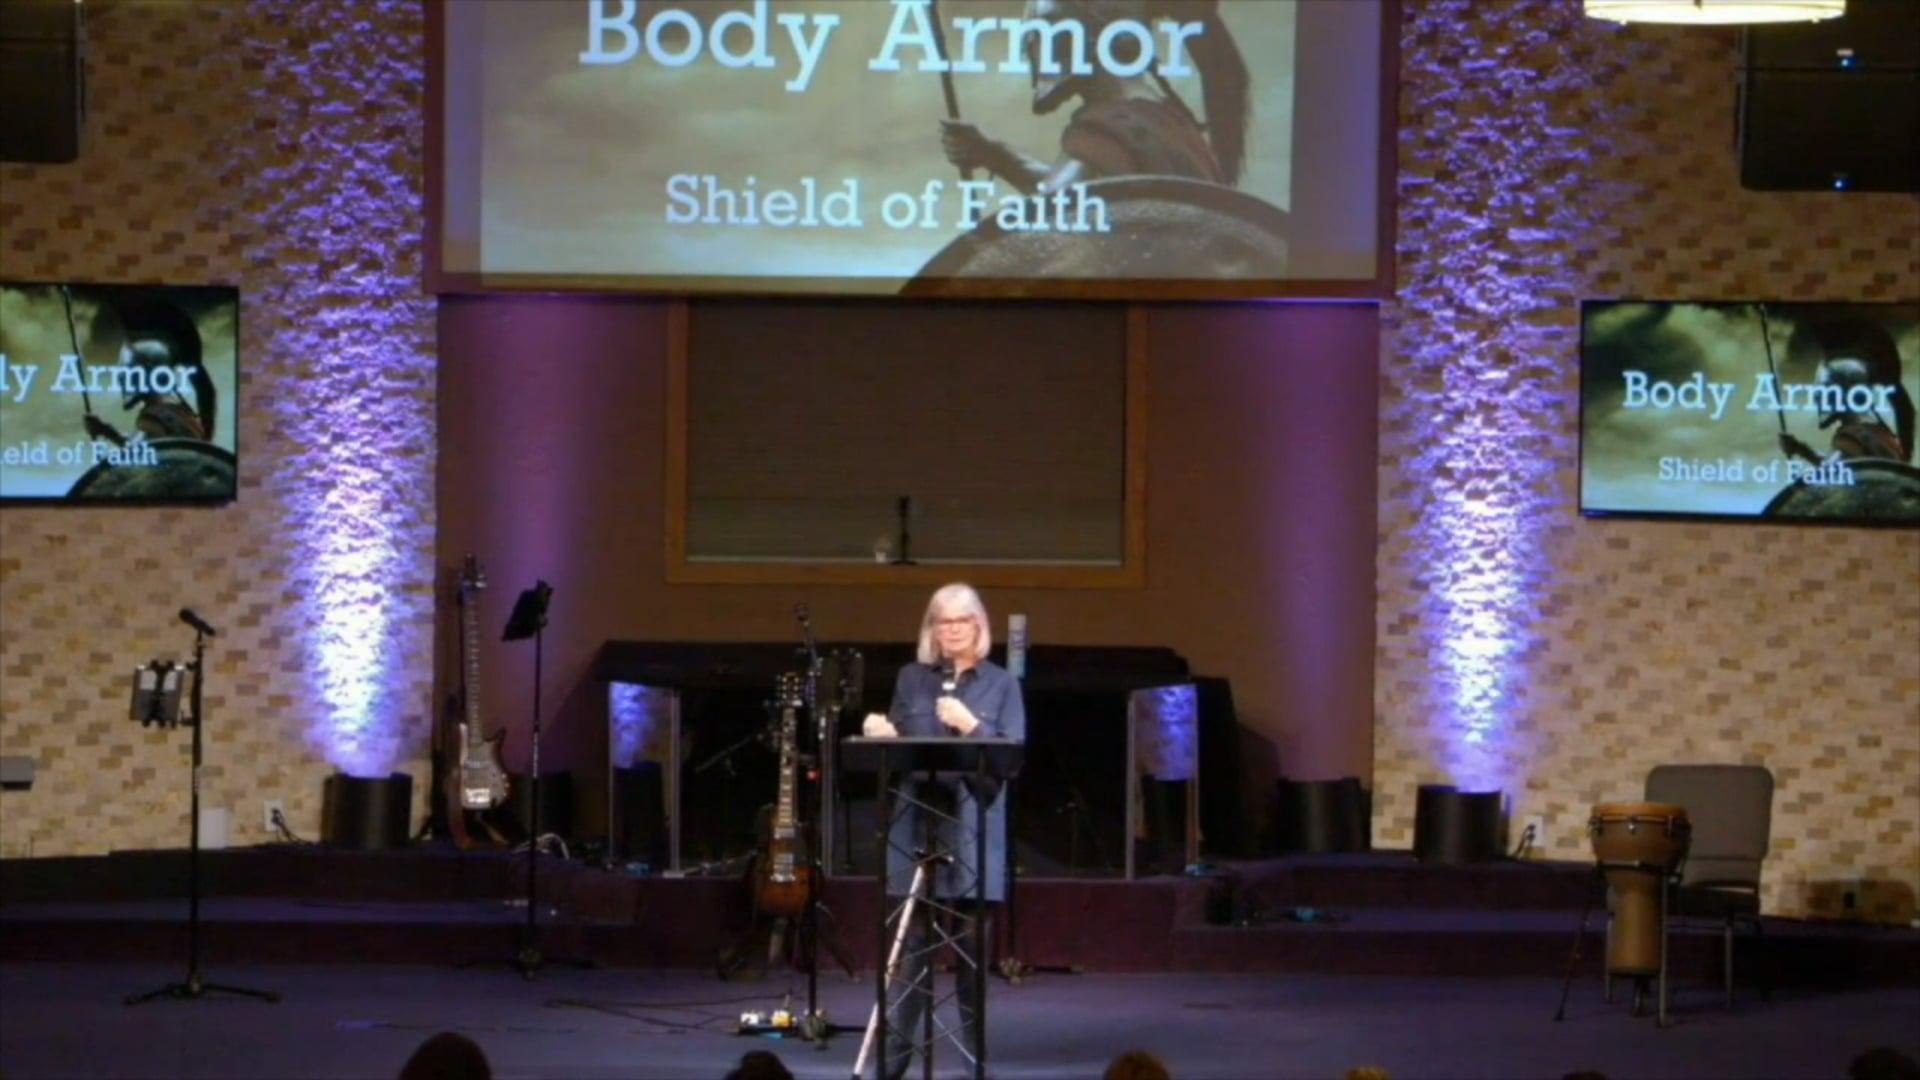 Body Armor: Shield of Faith